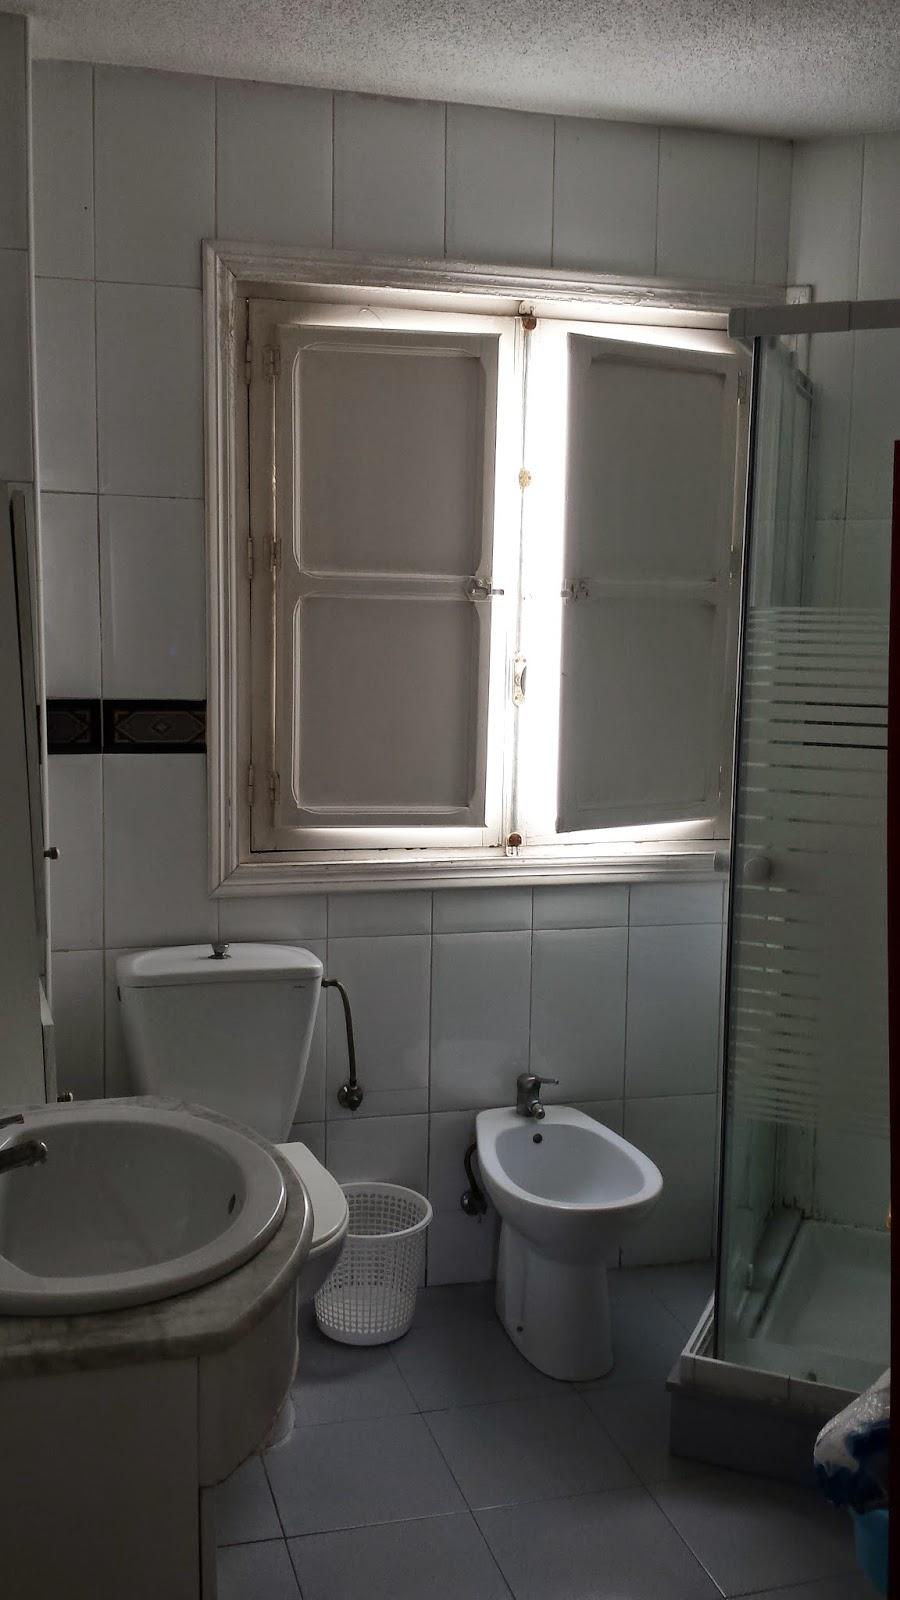 Alojamiento temporal en murcia piso compartido n 47 accommodation murcia - Piso estudiantes murcia ...